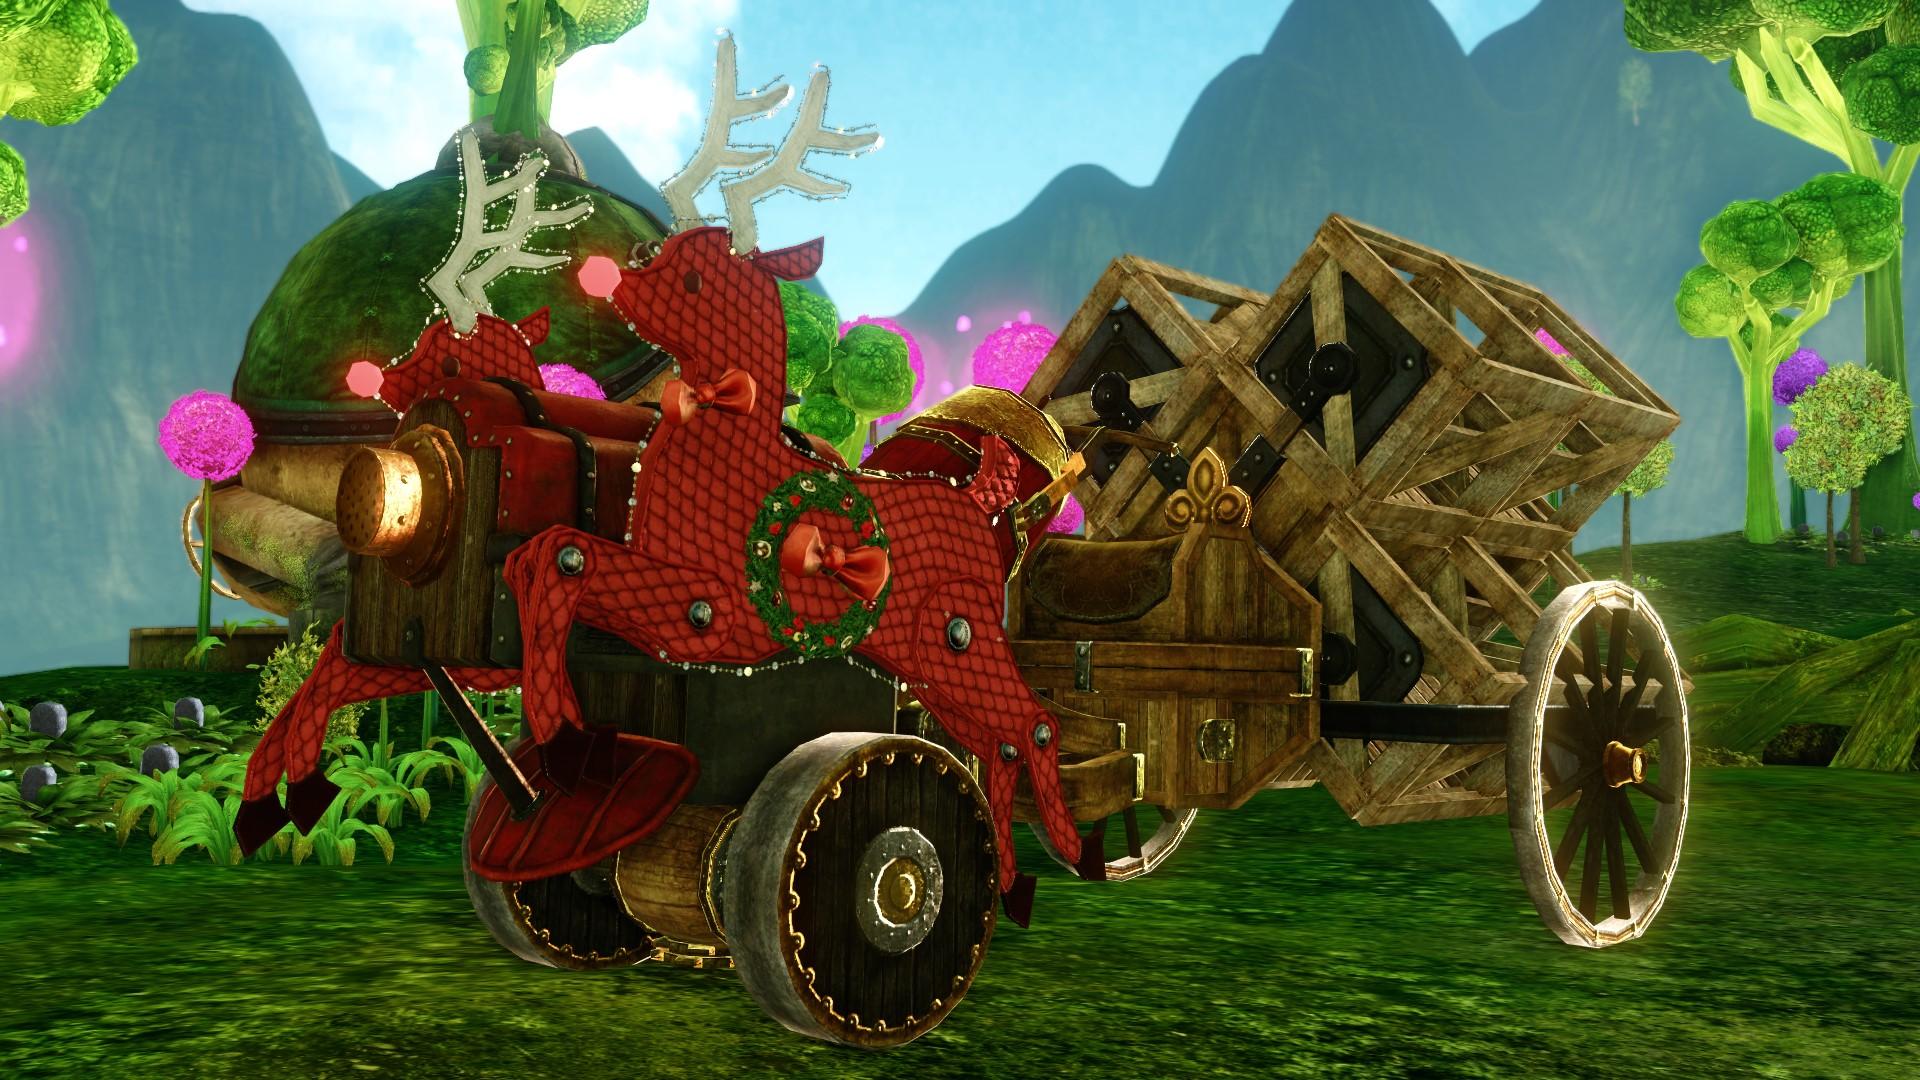 Двухместный грузовой трактор с неверинскими оленями